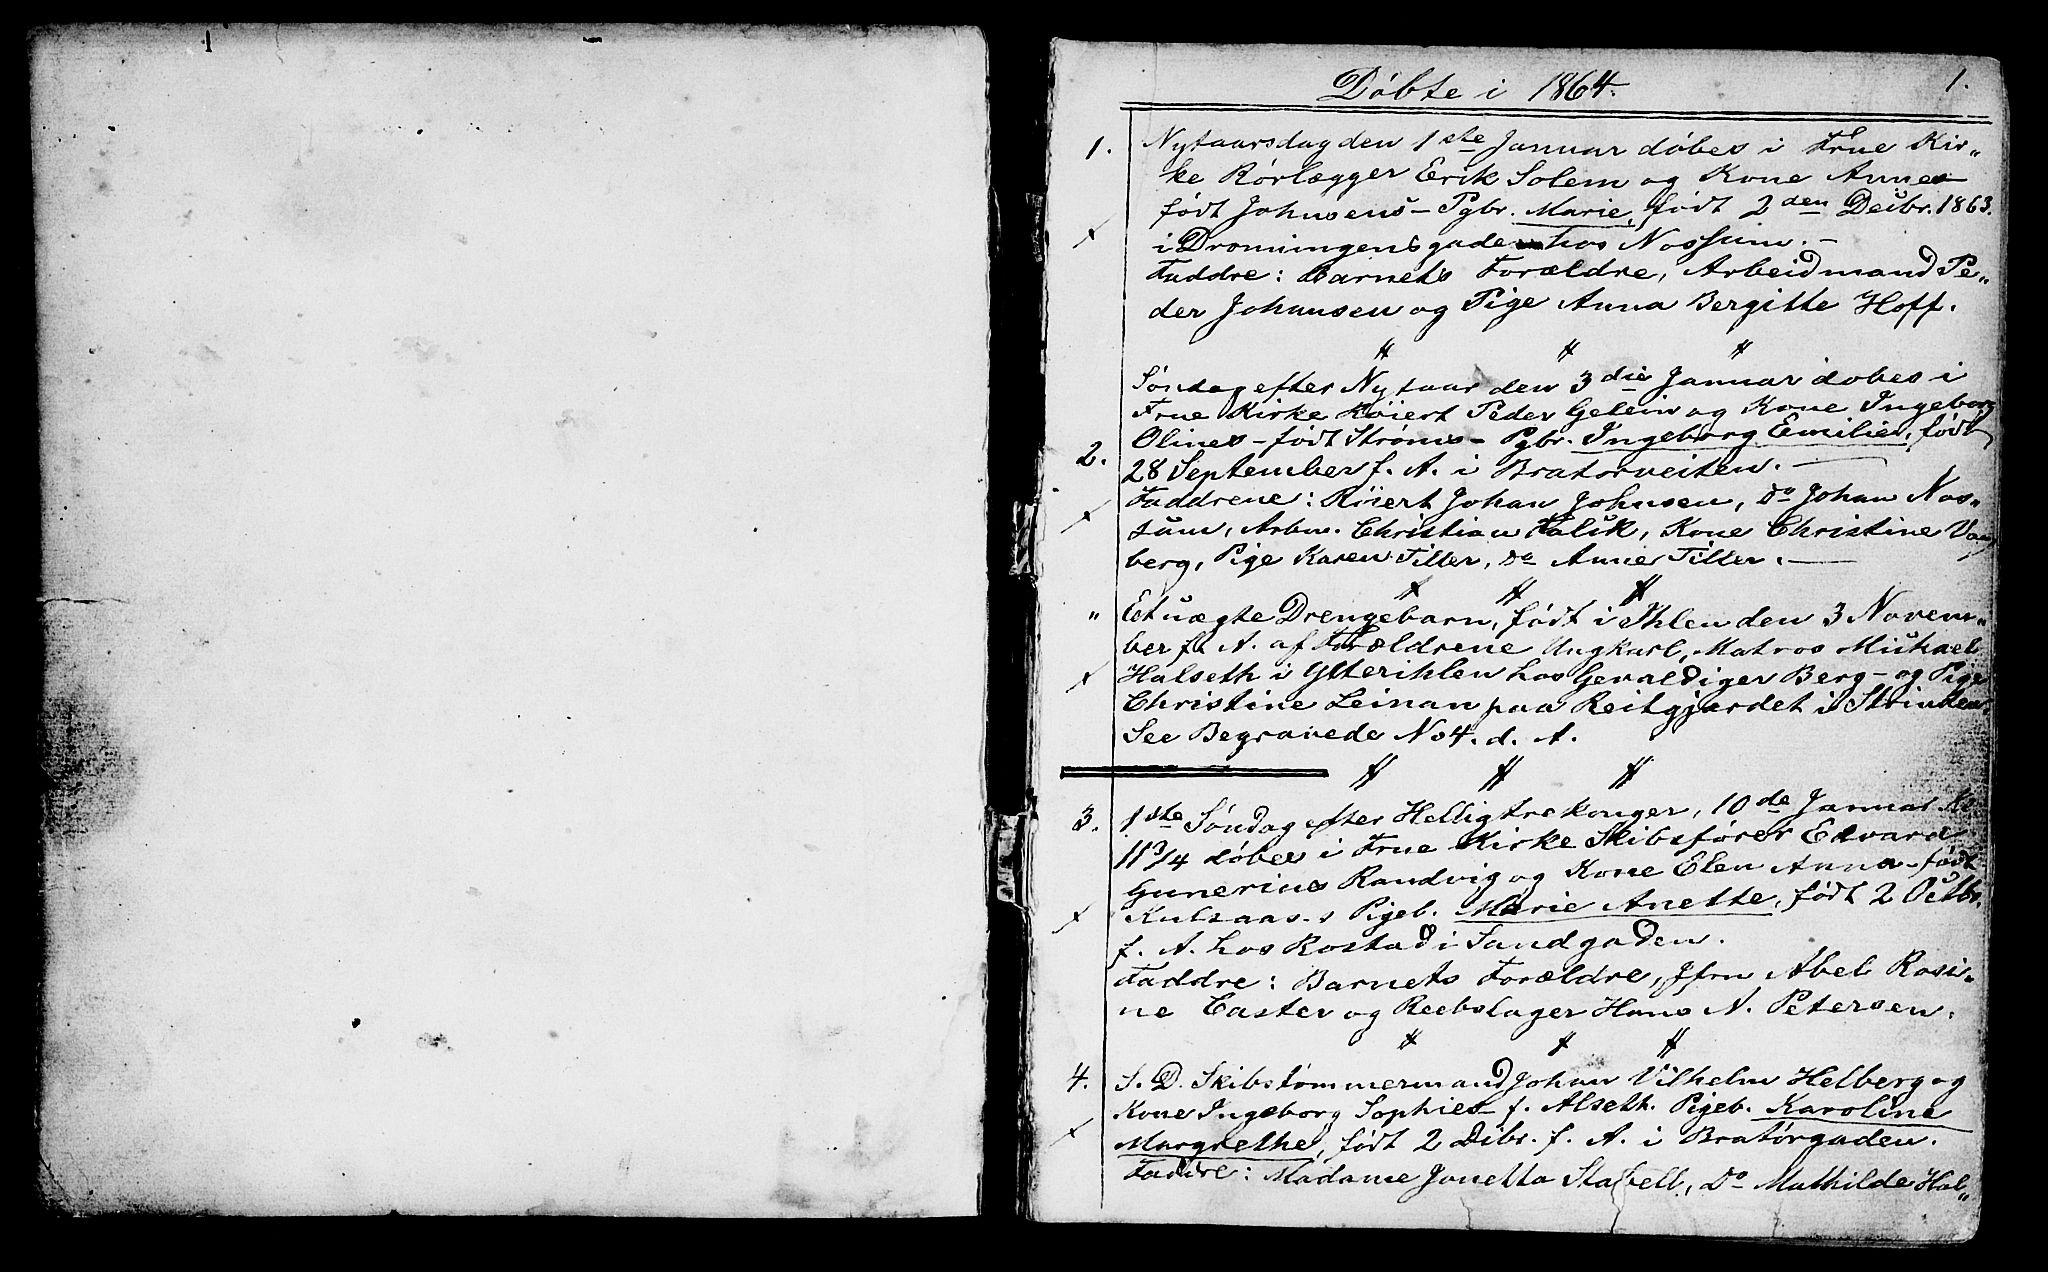 SAT, Ministerialprotokoller, klokkerbøker og fødselsregistre - Sør-Trøndelag, 602/L0140: Klokkerbok nr. 602C08, 1864-1872, s. 0-1